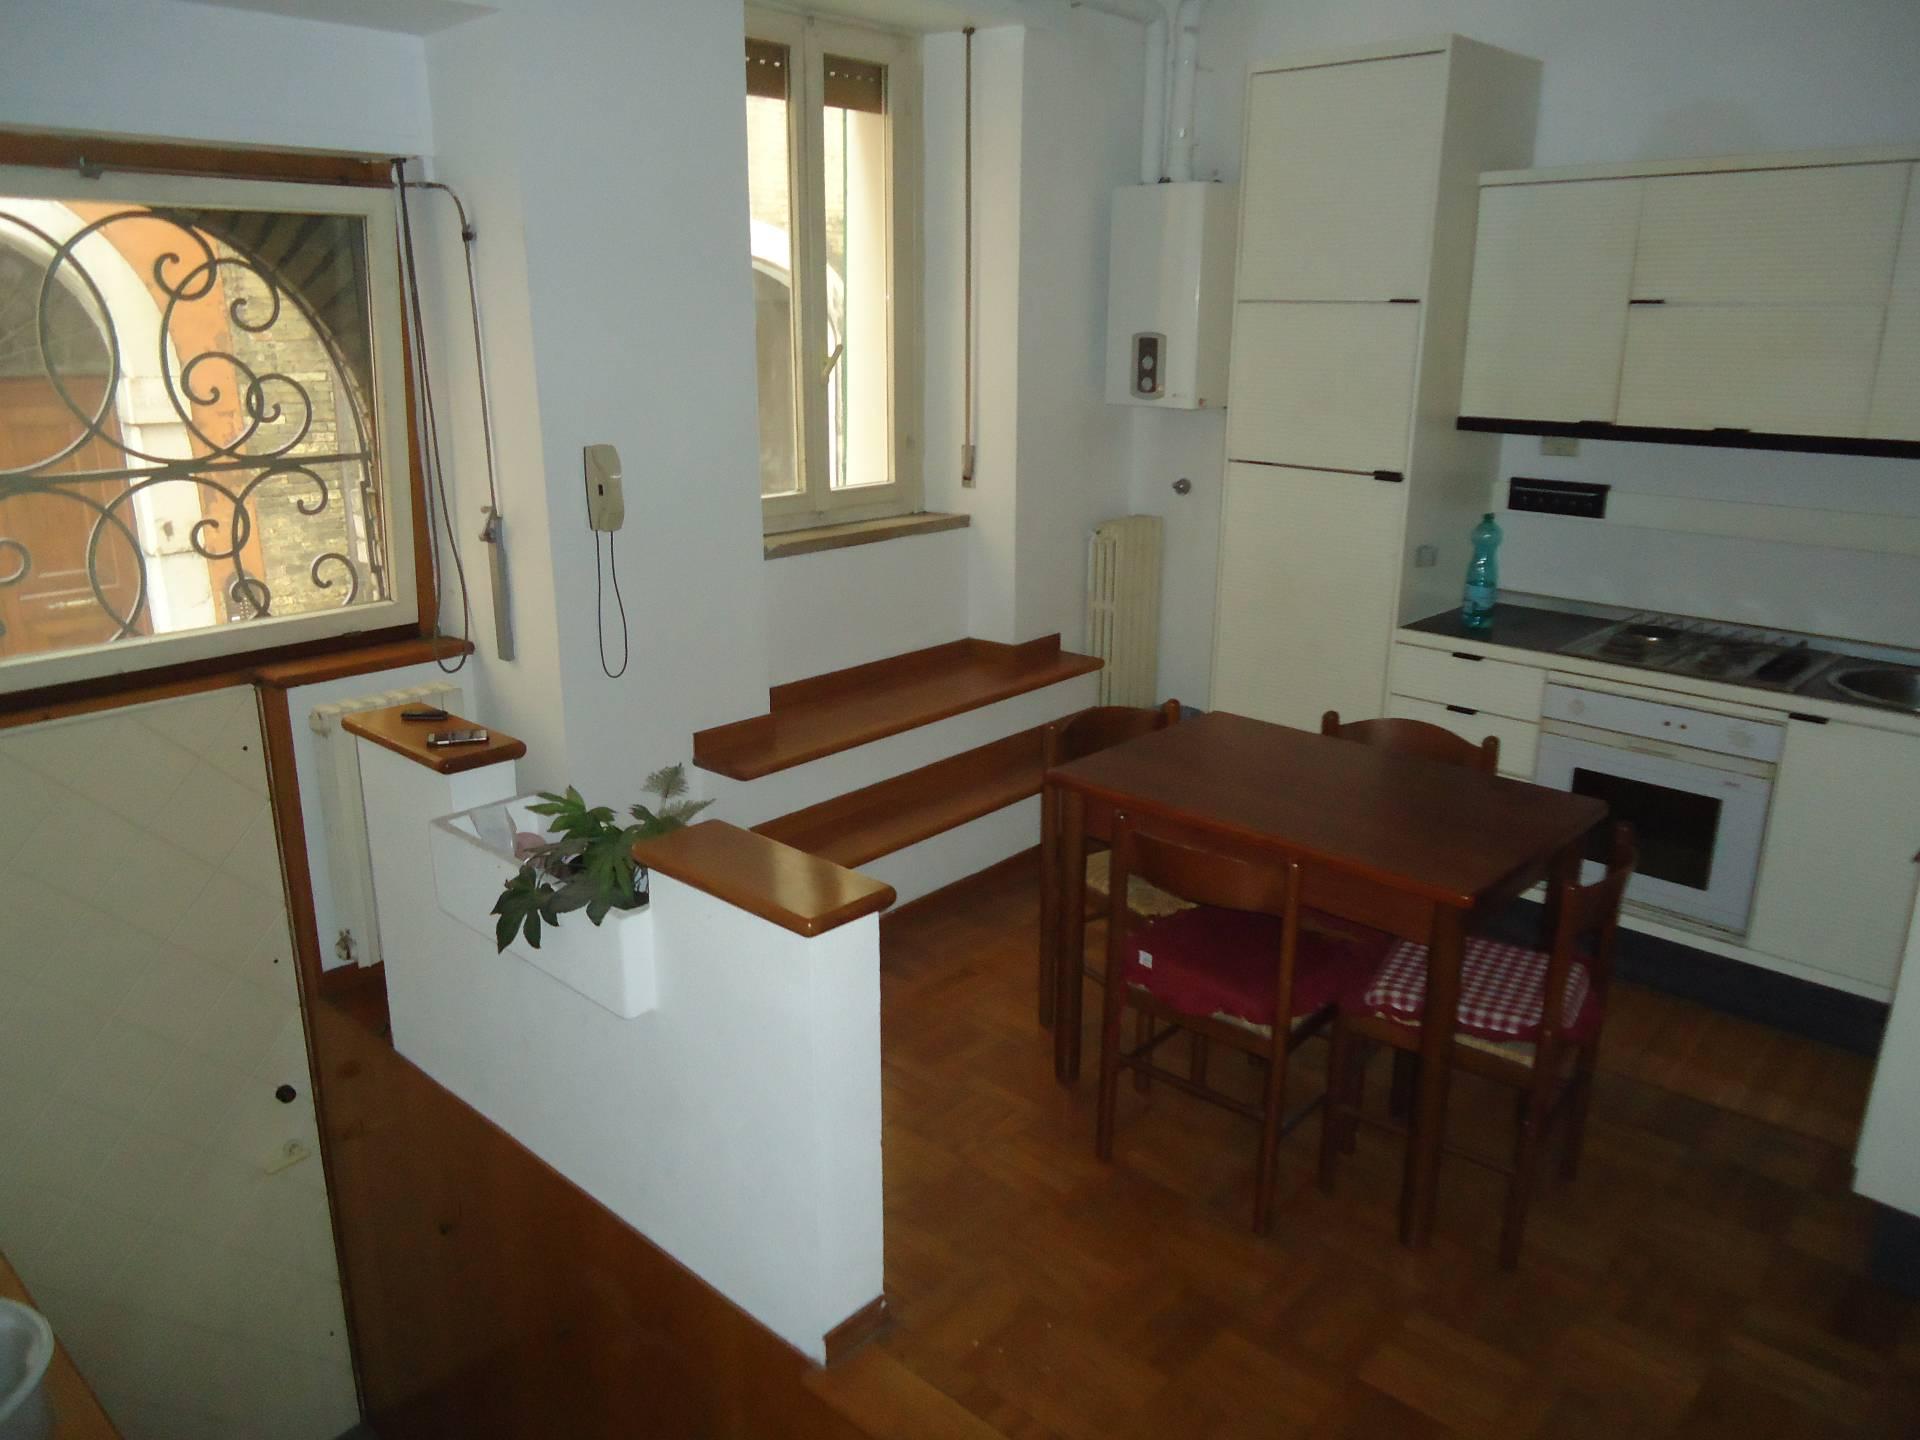 Appartamento in affitto a Ancona, 1 locali, zona Località: Centrostorico, prezzo € 470 | Cambio Casa.it